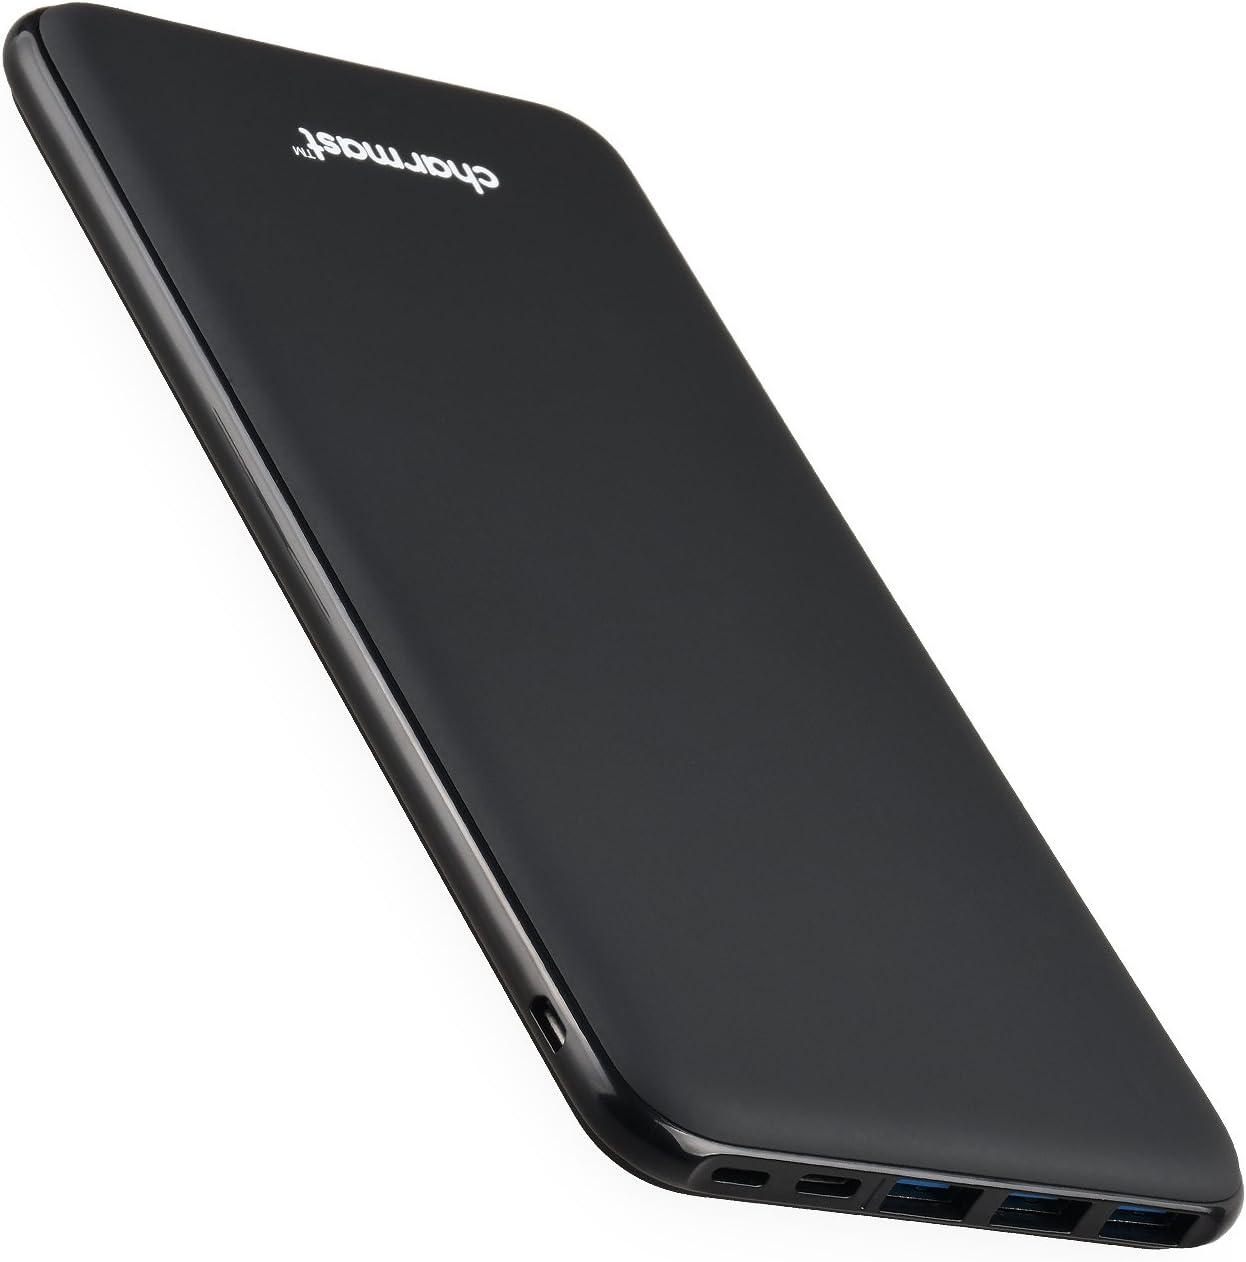 Charmast 26800mAh Powerbank Batería Externa Tipo C Micro USB Slim Cargador Portátil Móvil con 4 Puertos Smart E Salidas y 3 Entradas Compatible con iPhone Huawei Mackbook iPad y Smartphone